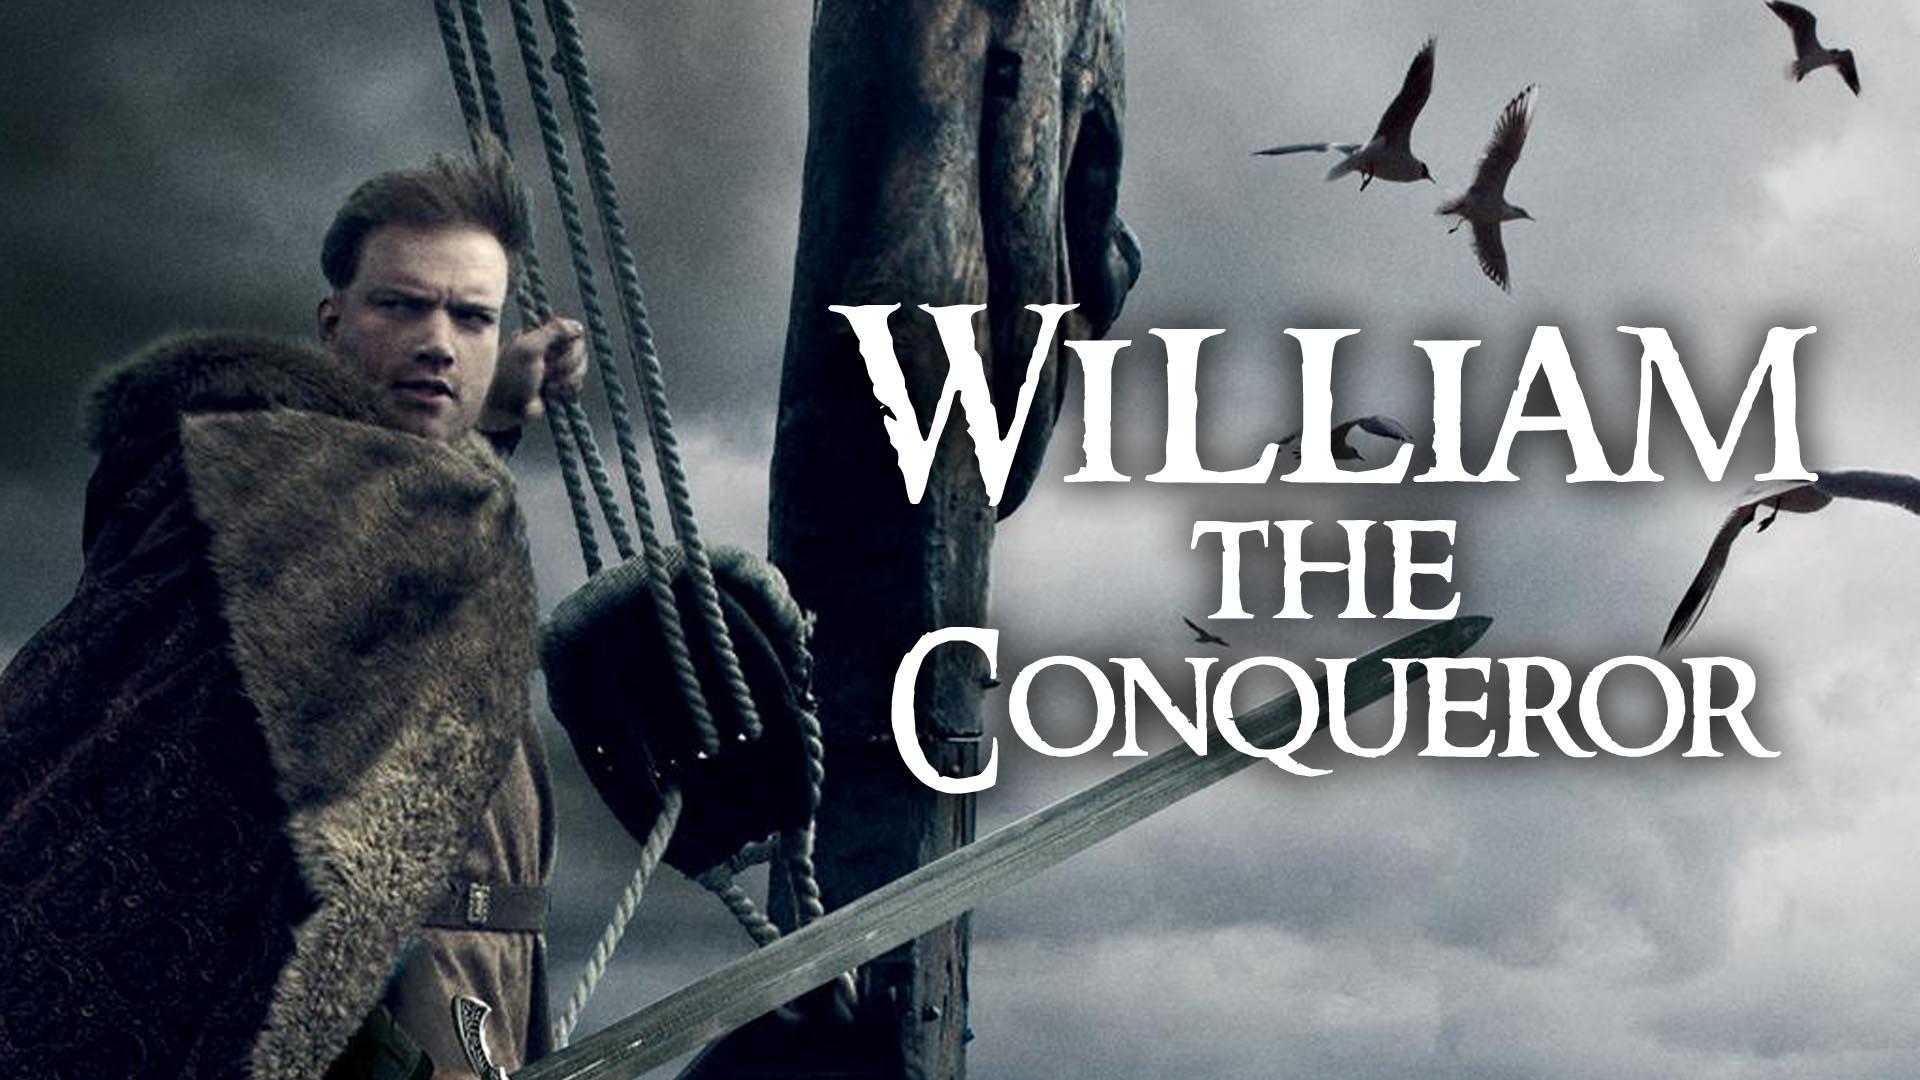 William the Conqueror -